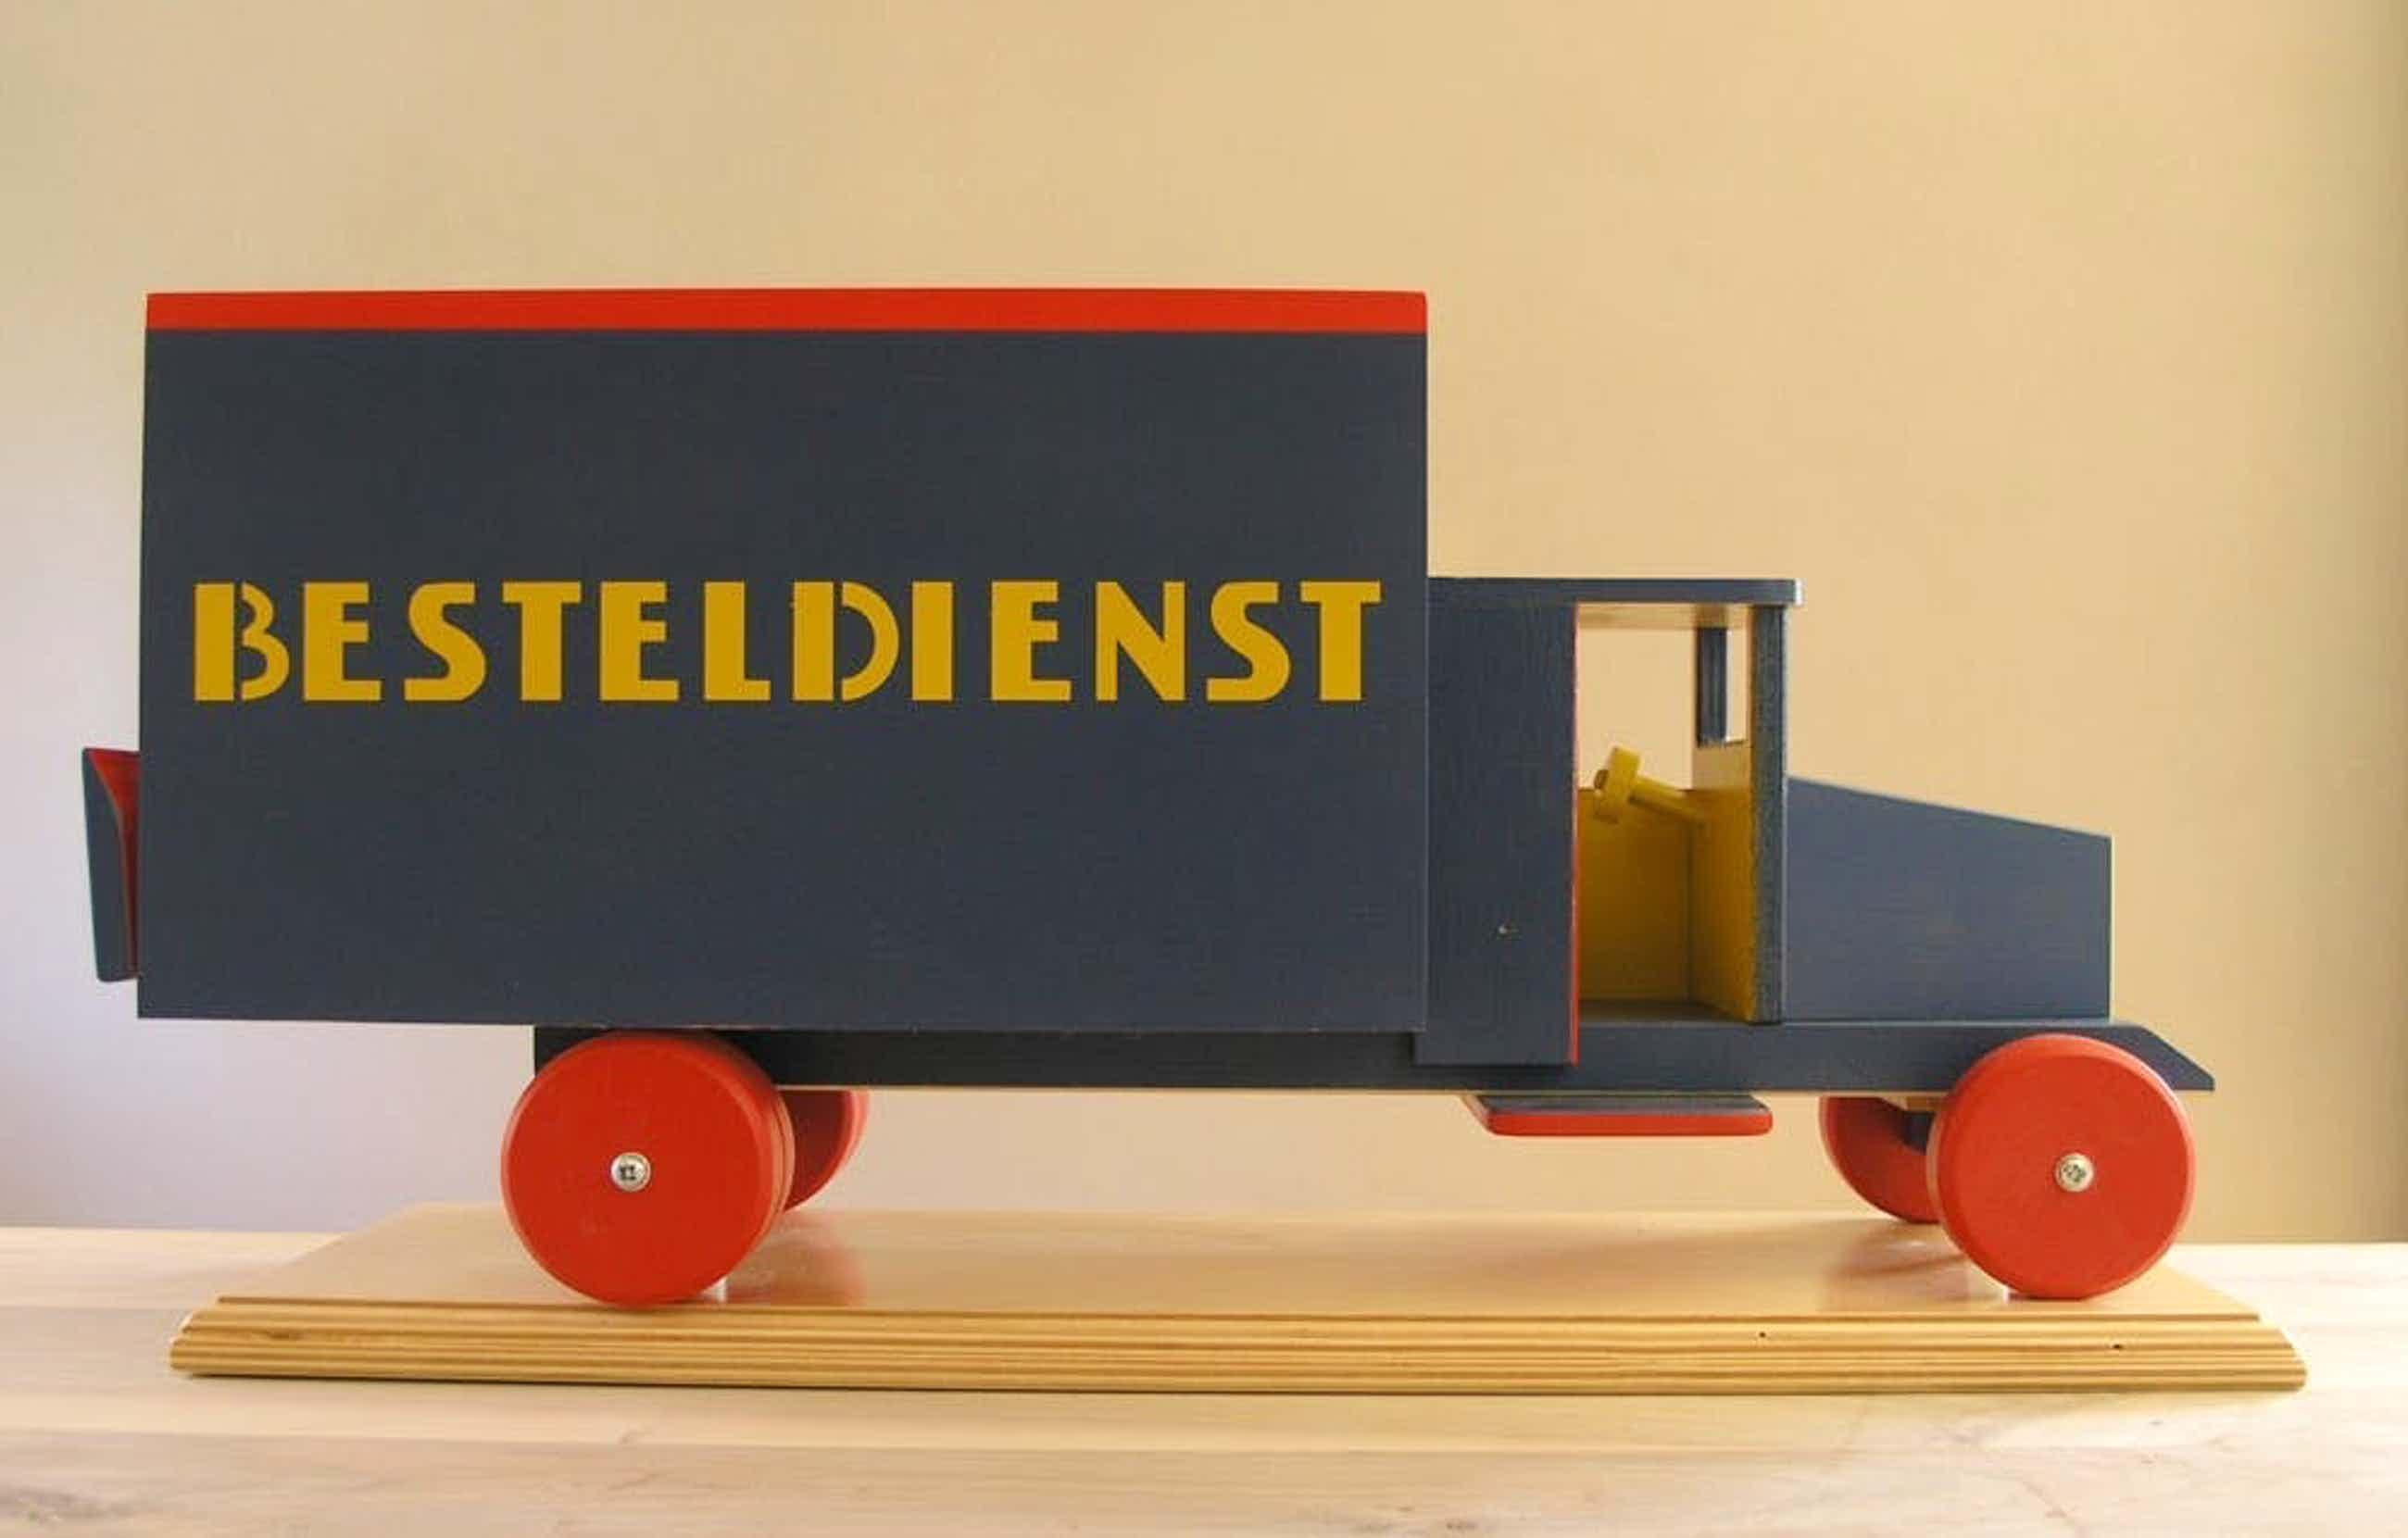 ADO - de Stijl, Ko Verzuu #BESTELDIENST, 50 cm.# Hout /Wooden toy, ltd ed. 250, kopen? Bied vanaf 125!